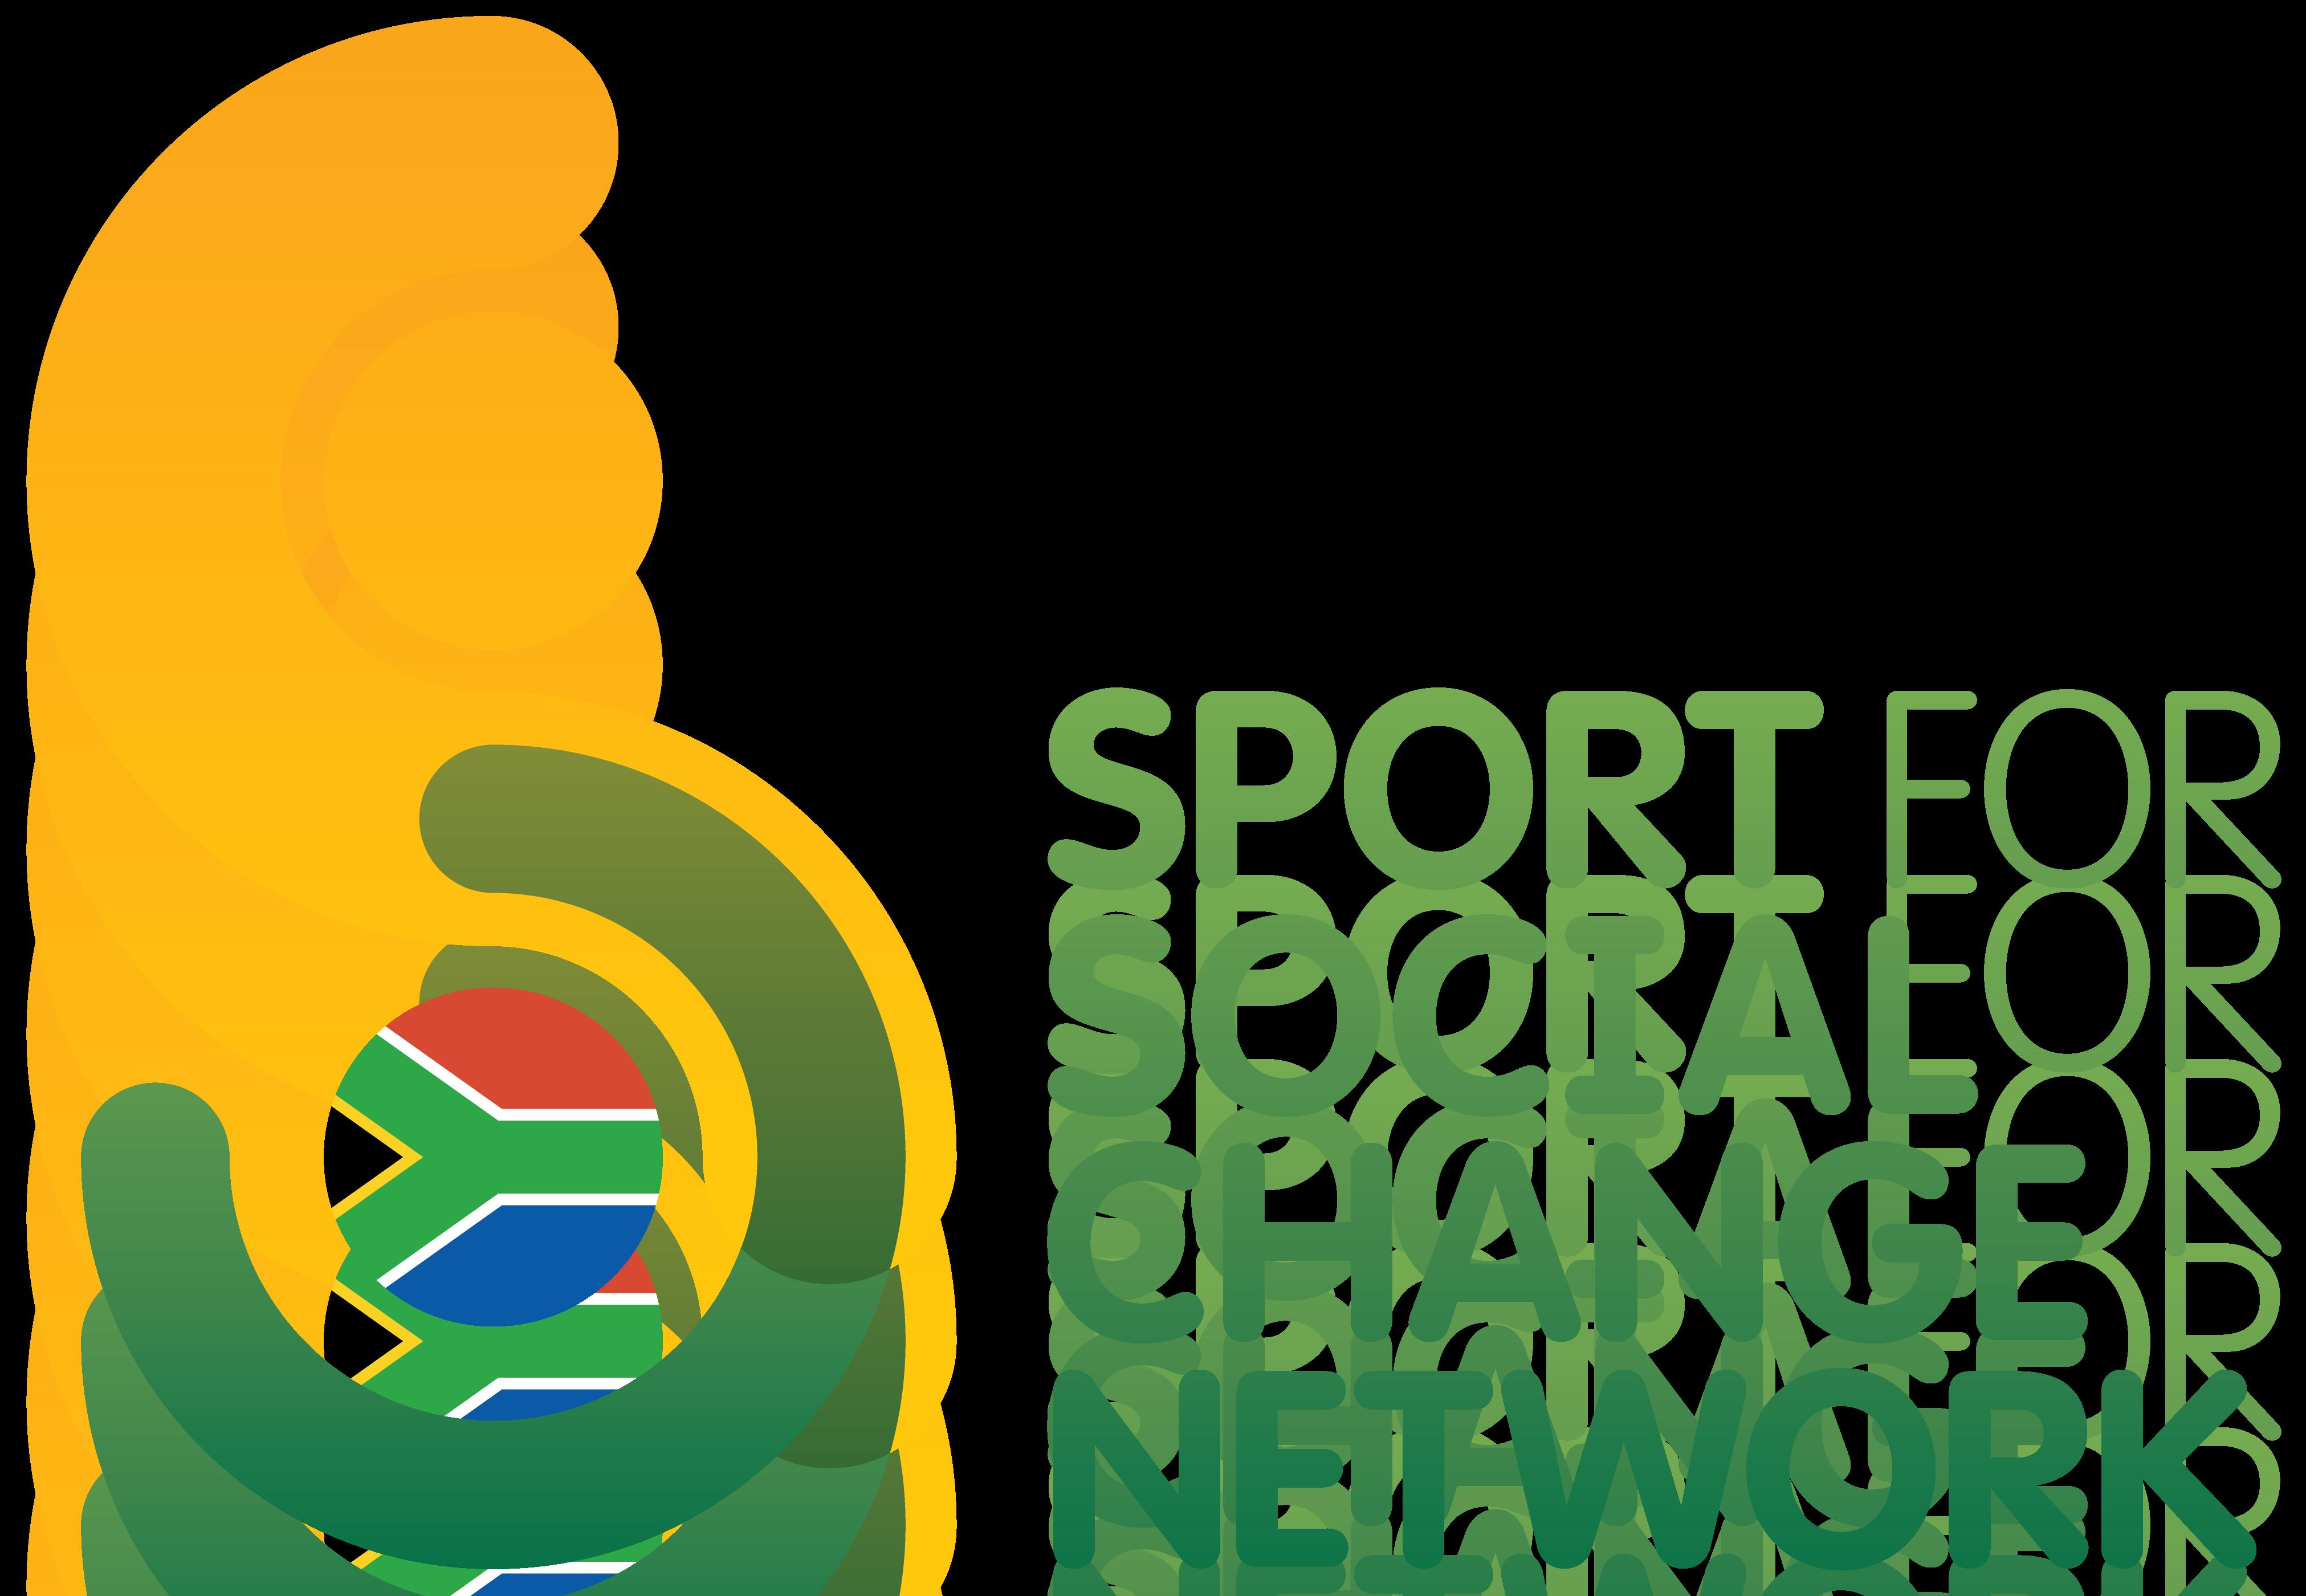 Sport For Social